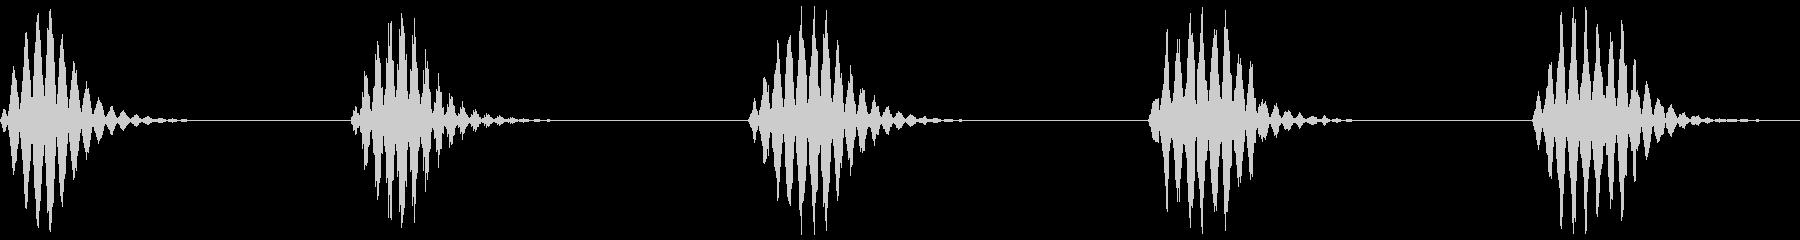 高ビブラート、5バージョン、高、シ...の未再生の波形